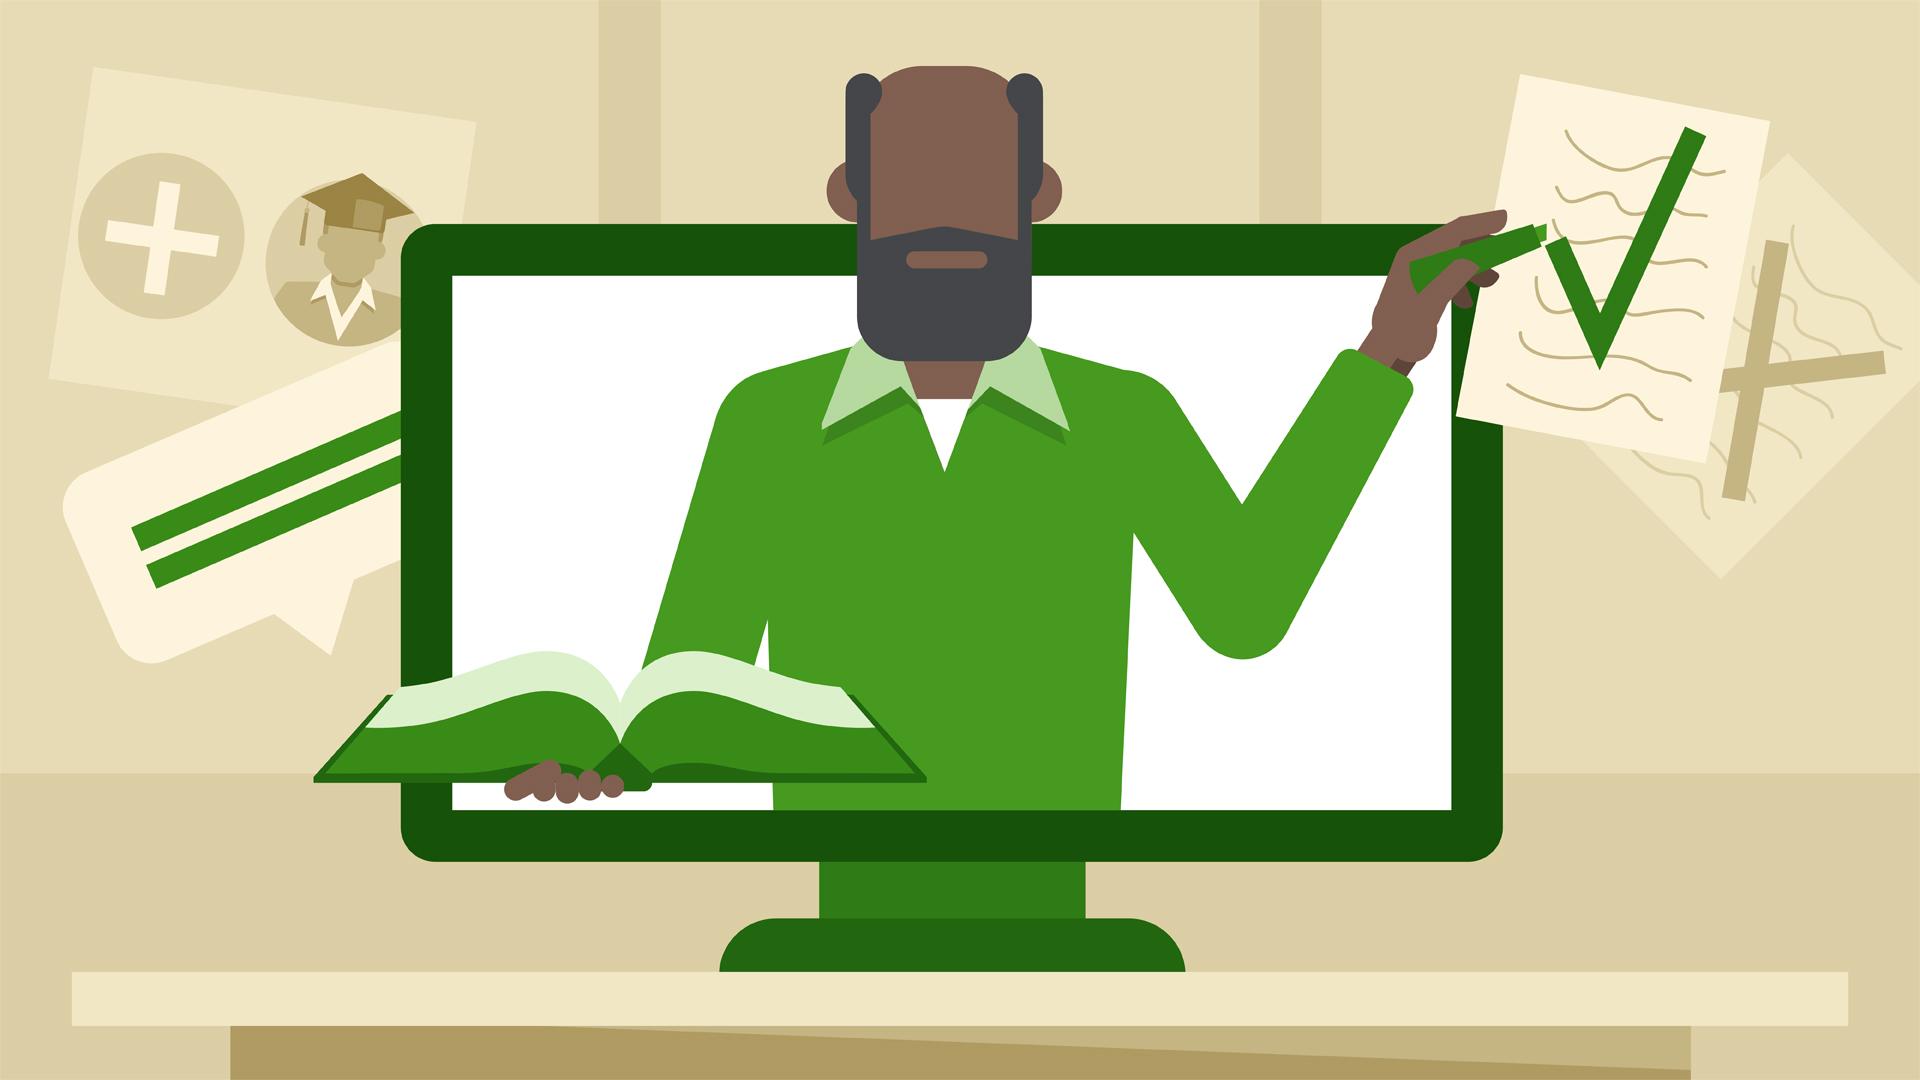 آموزش کمتازیا با استفاده از خرید و دانلود آموزش ضبط و ویرایش فیلم و ویدئوی آموزشی با نرم افزار کمتازیا استدیو camtasia stadio و برخی از امکانات آن